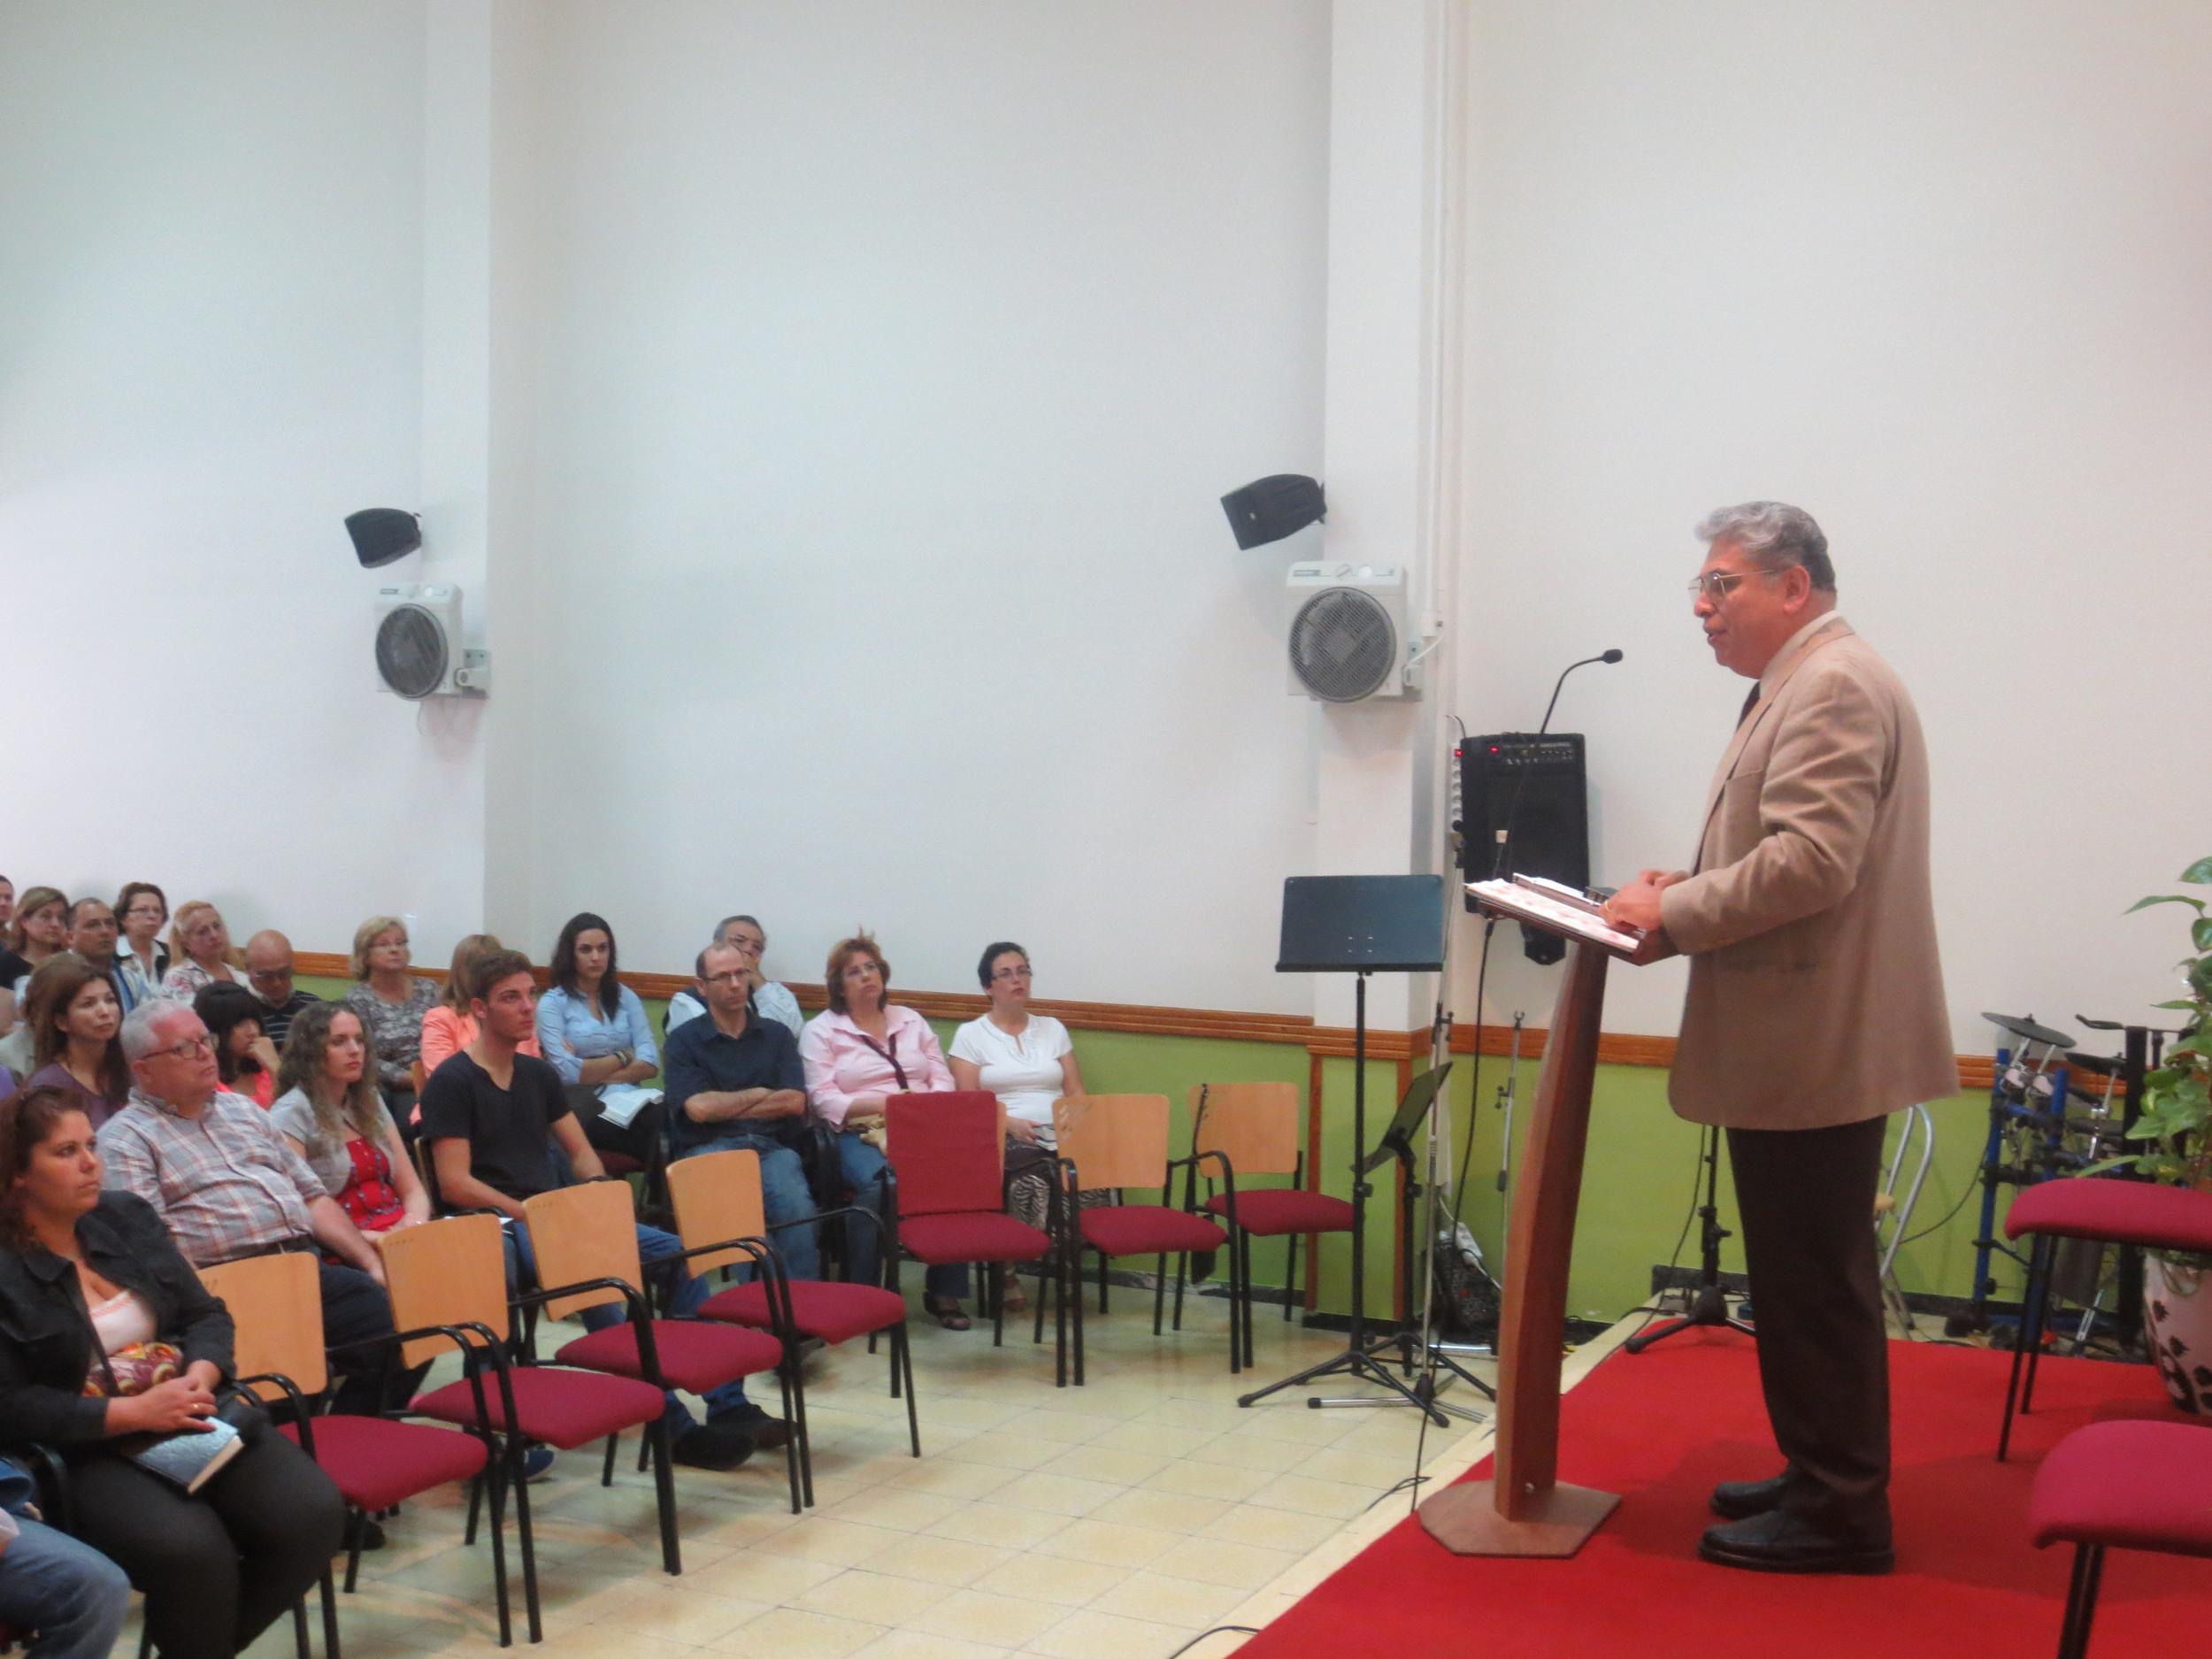 Ofreciendo una conferencia sobre la familia en la Iglesia Cristiana Evangélica del Puerto en la bella ciudad de las Palmas, Gran Canaria, España